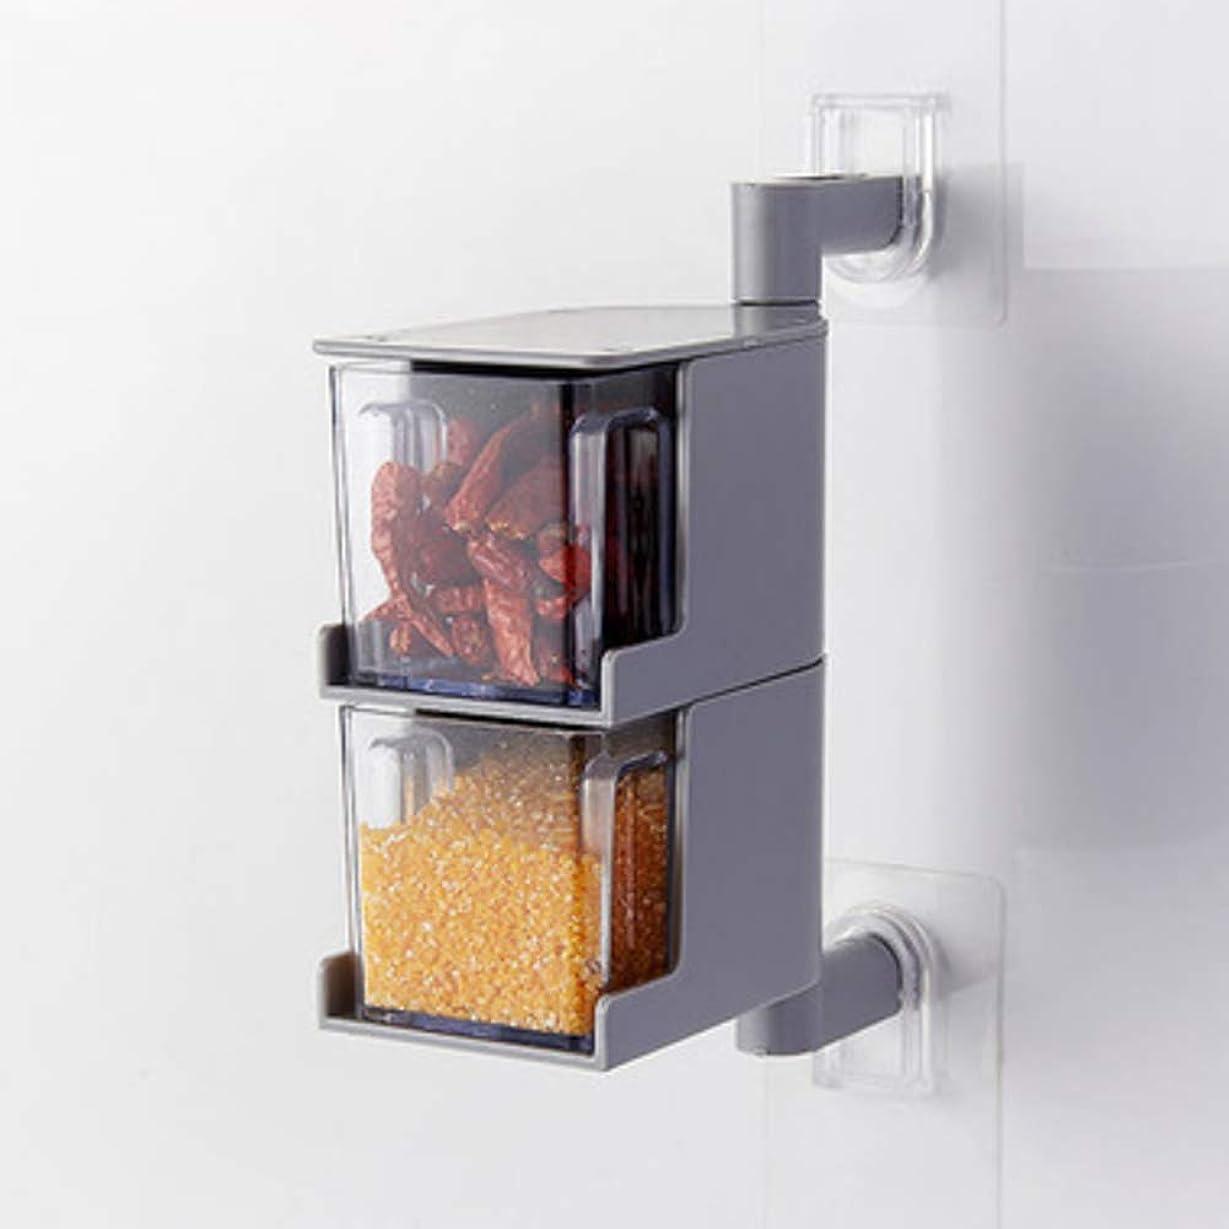 それアマチュア騒々しい透明な 貼り付け 壁調味料ボックス 回転調味料タンク スプーン付き キッチン用品 グレー